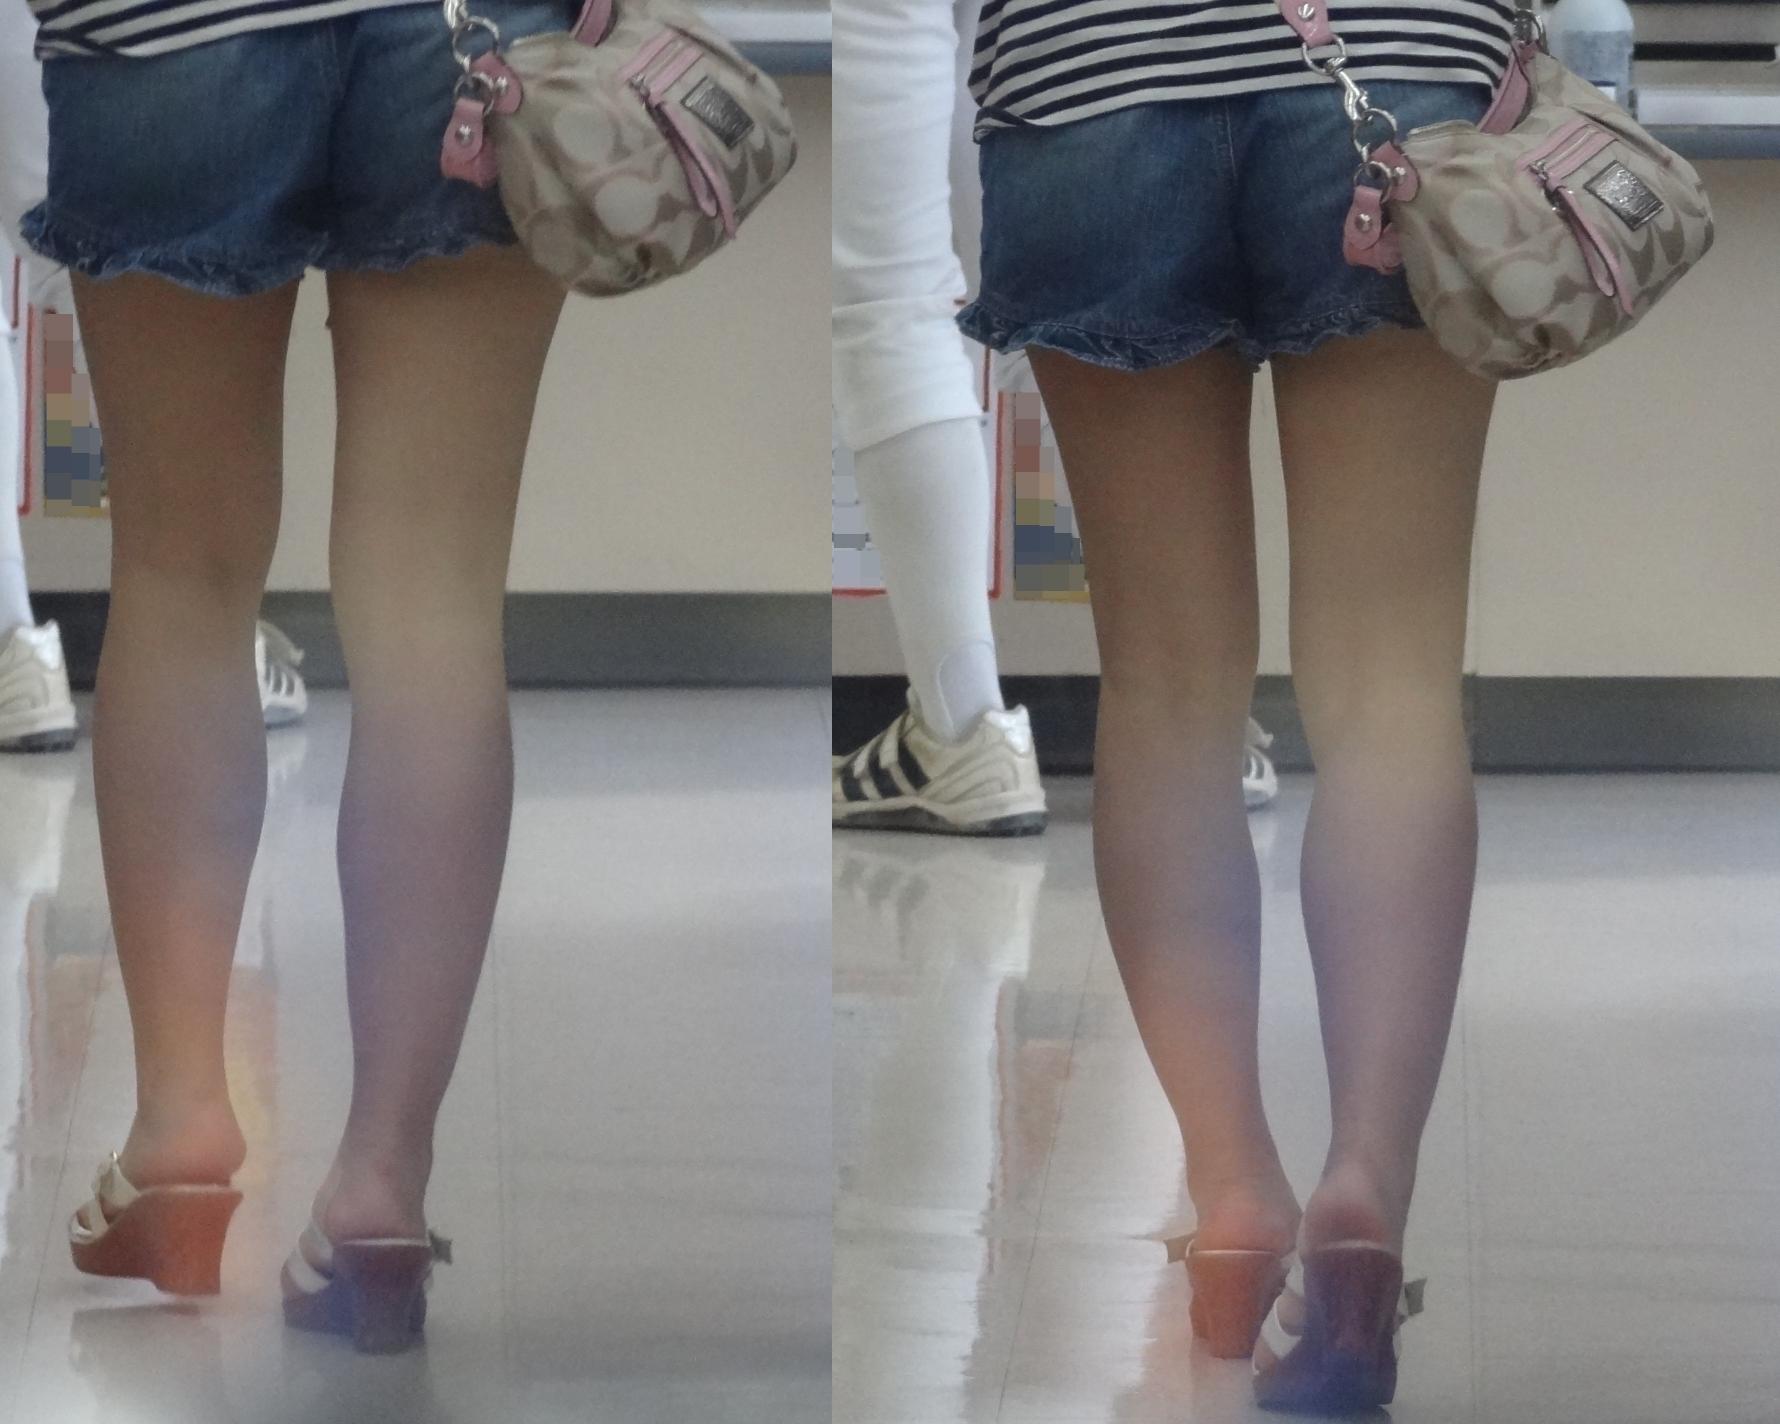 【短パン街撮り画像】美脚とヒップラインが際立つ短パン女性を背後から眺める 14